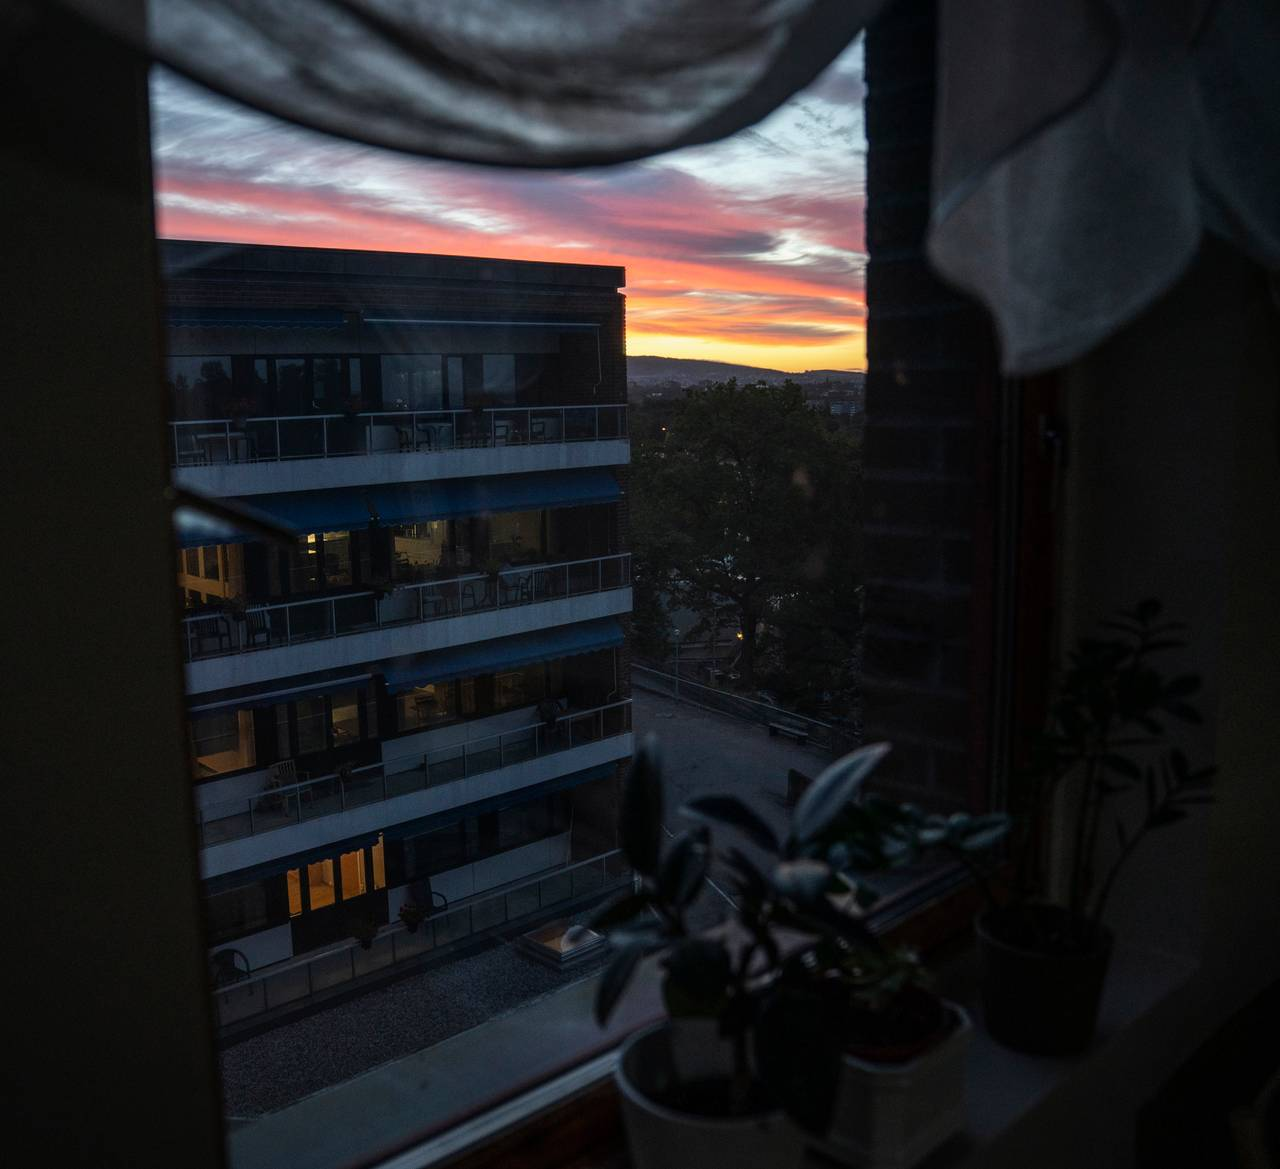 Utsikt fra vinduskarm med blondegardiner og et par blomsterkrukker. Utenfor kan man se at himmelen er en blanding av kraftig rosa og gult.